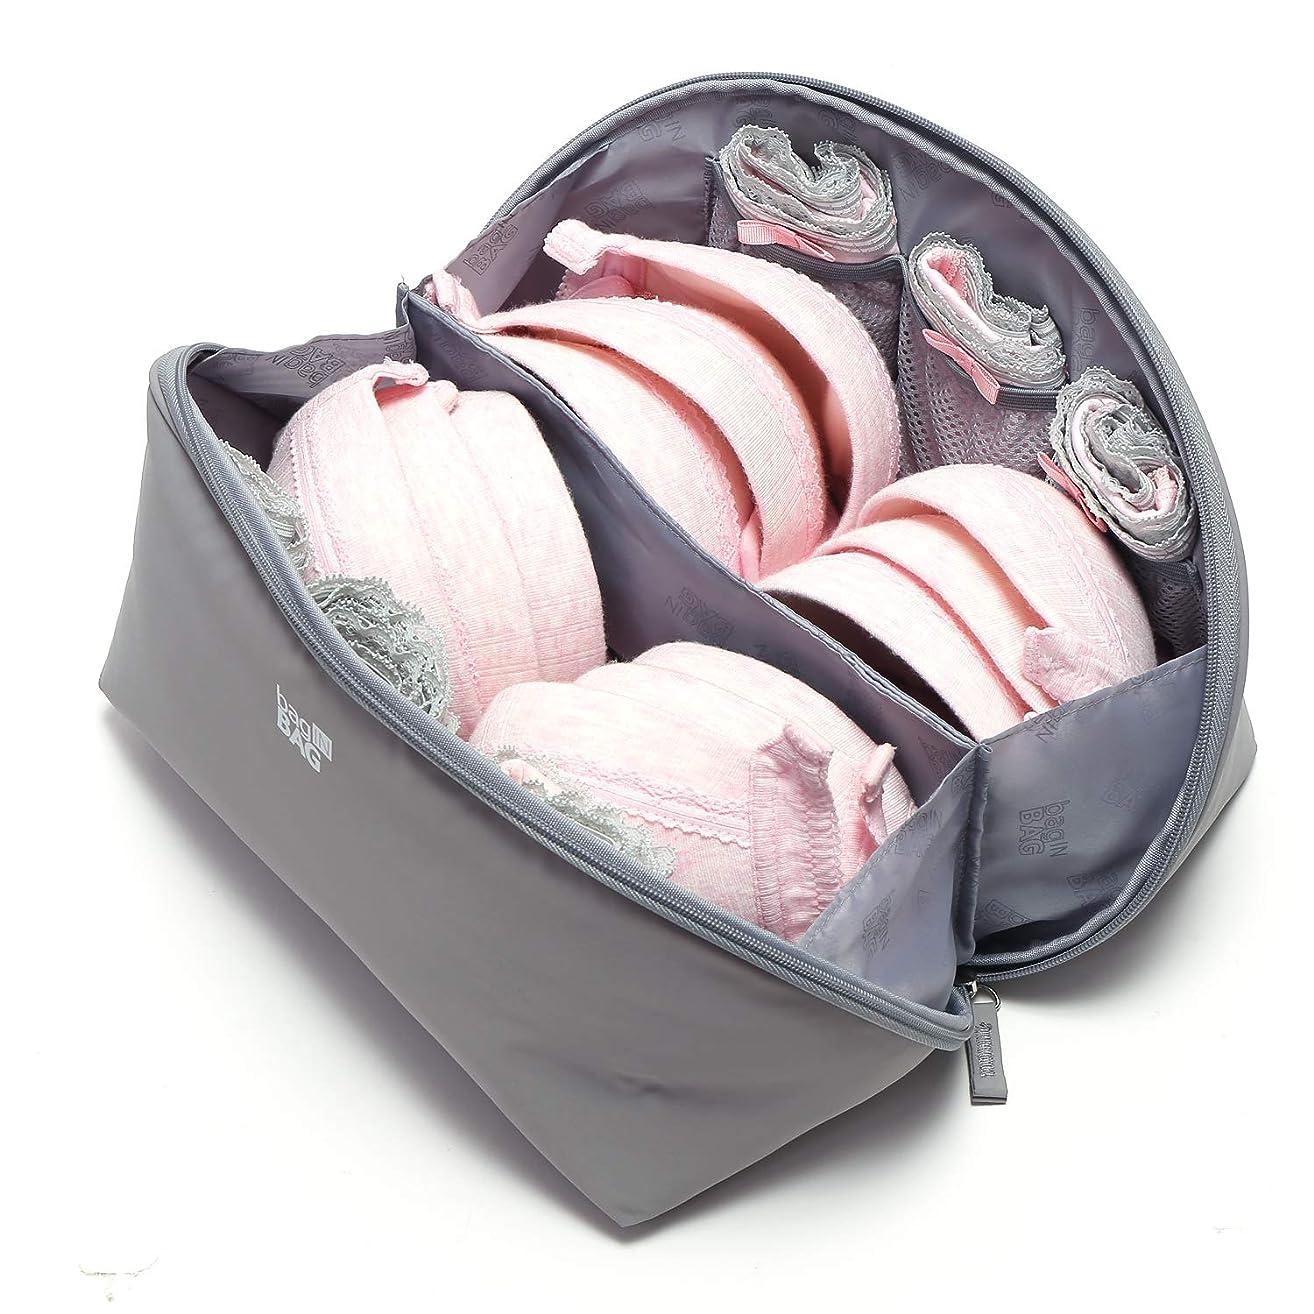 iN. Large Packing Organizer Bra Underwear Storage Bag Travel Lingerie Pouch Organizer Portable Grey